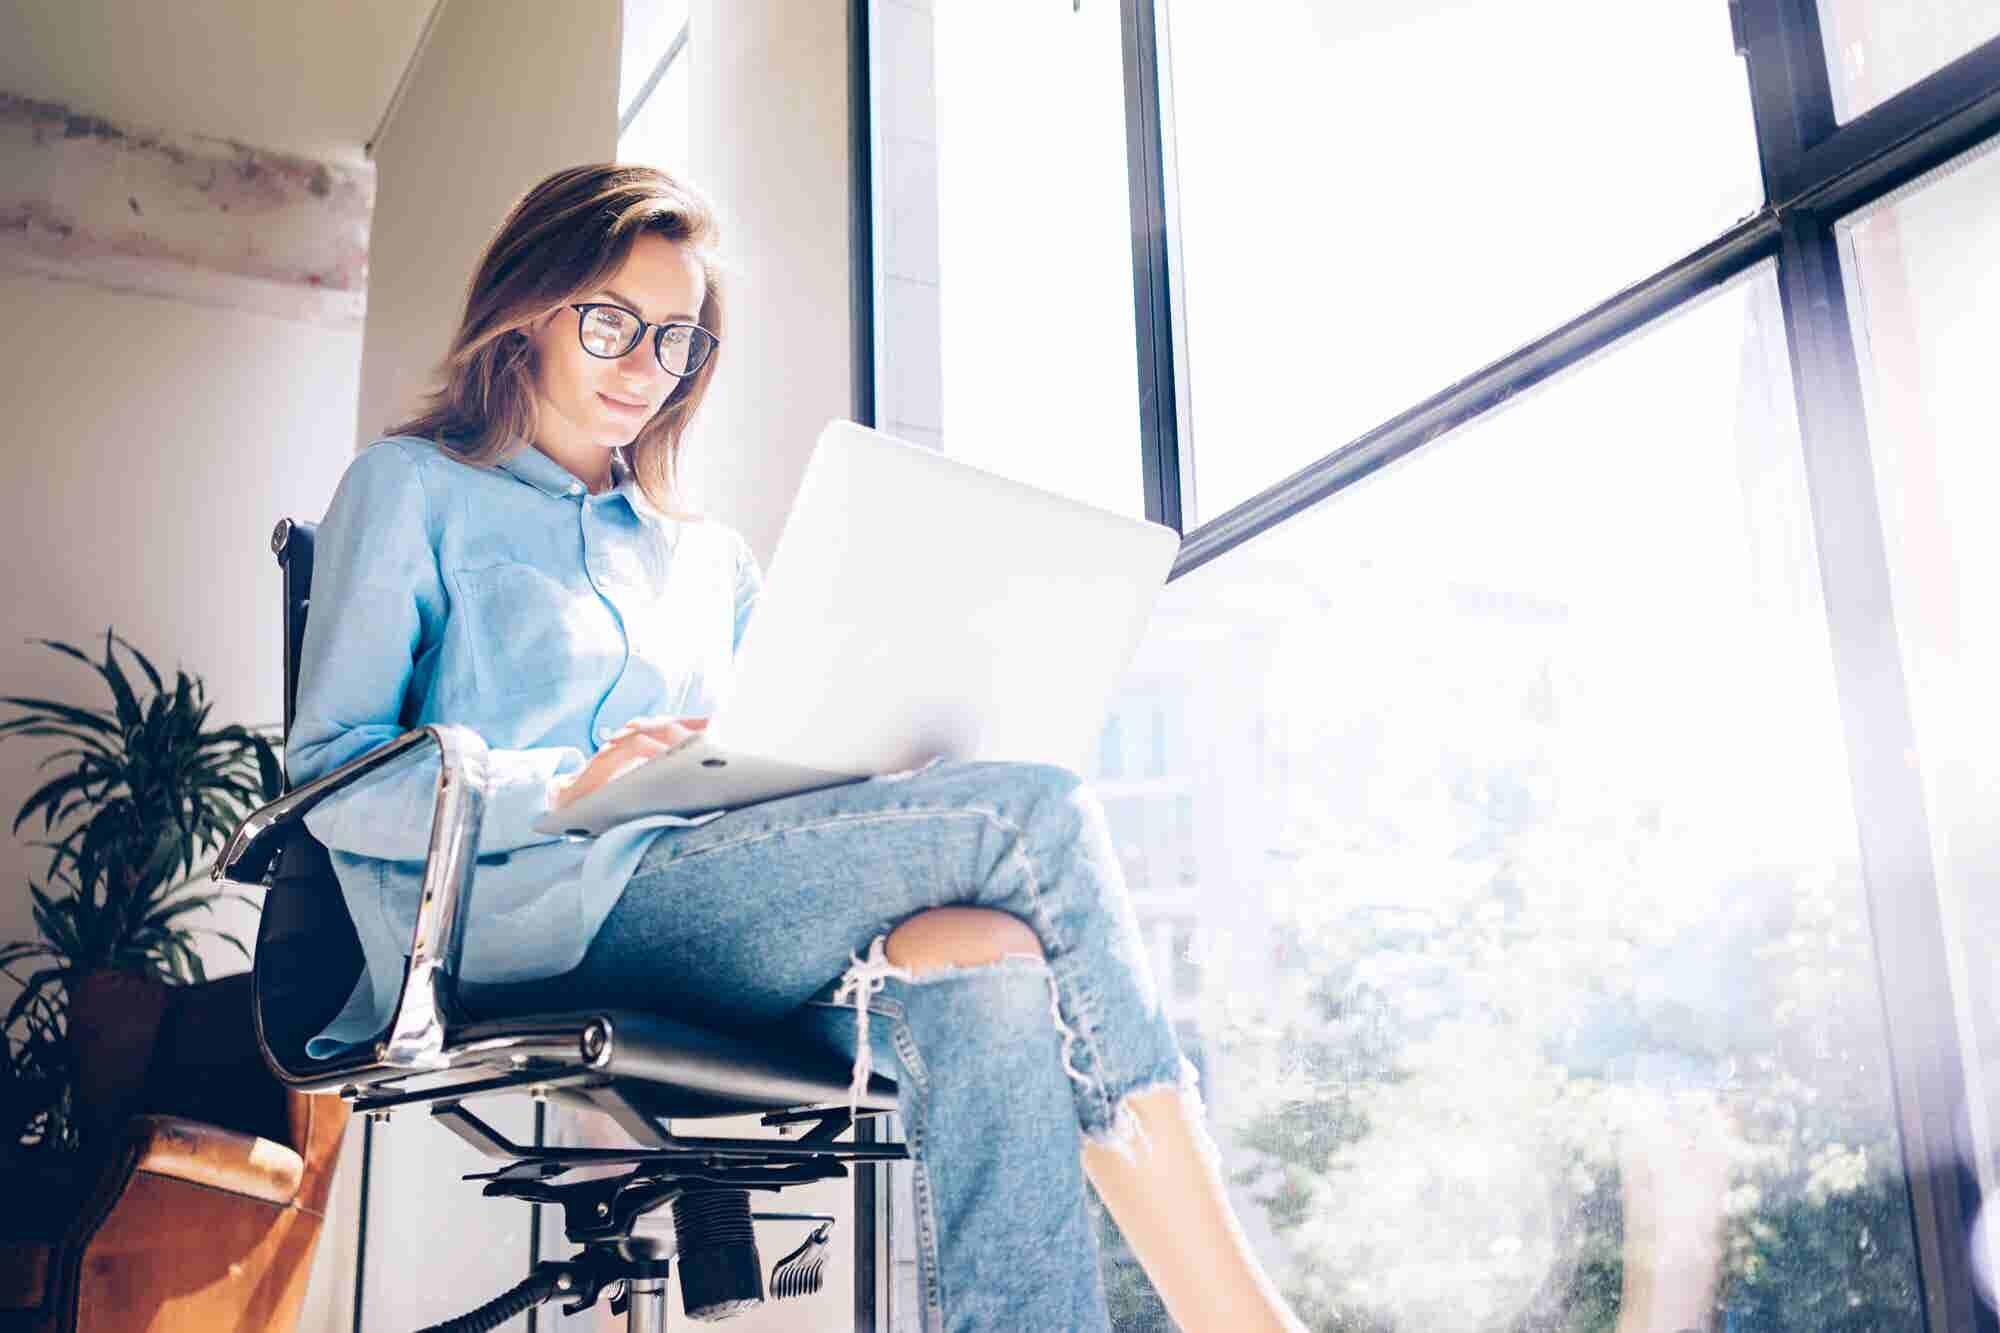 Women and Entrepreneurship: 5 Soft Skills for Tough Women